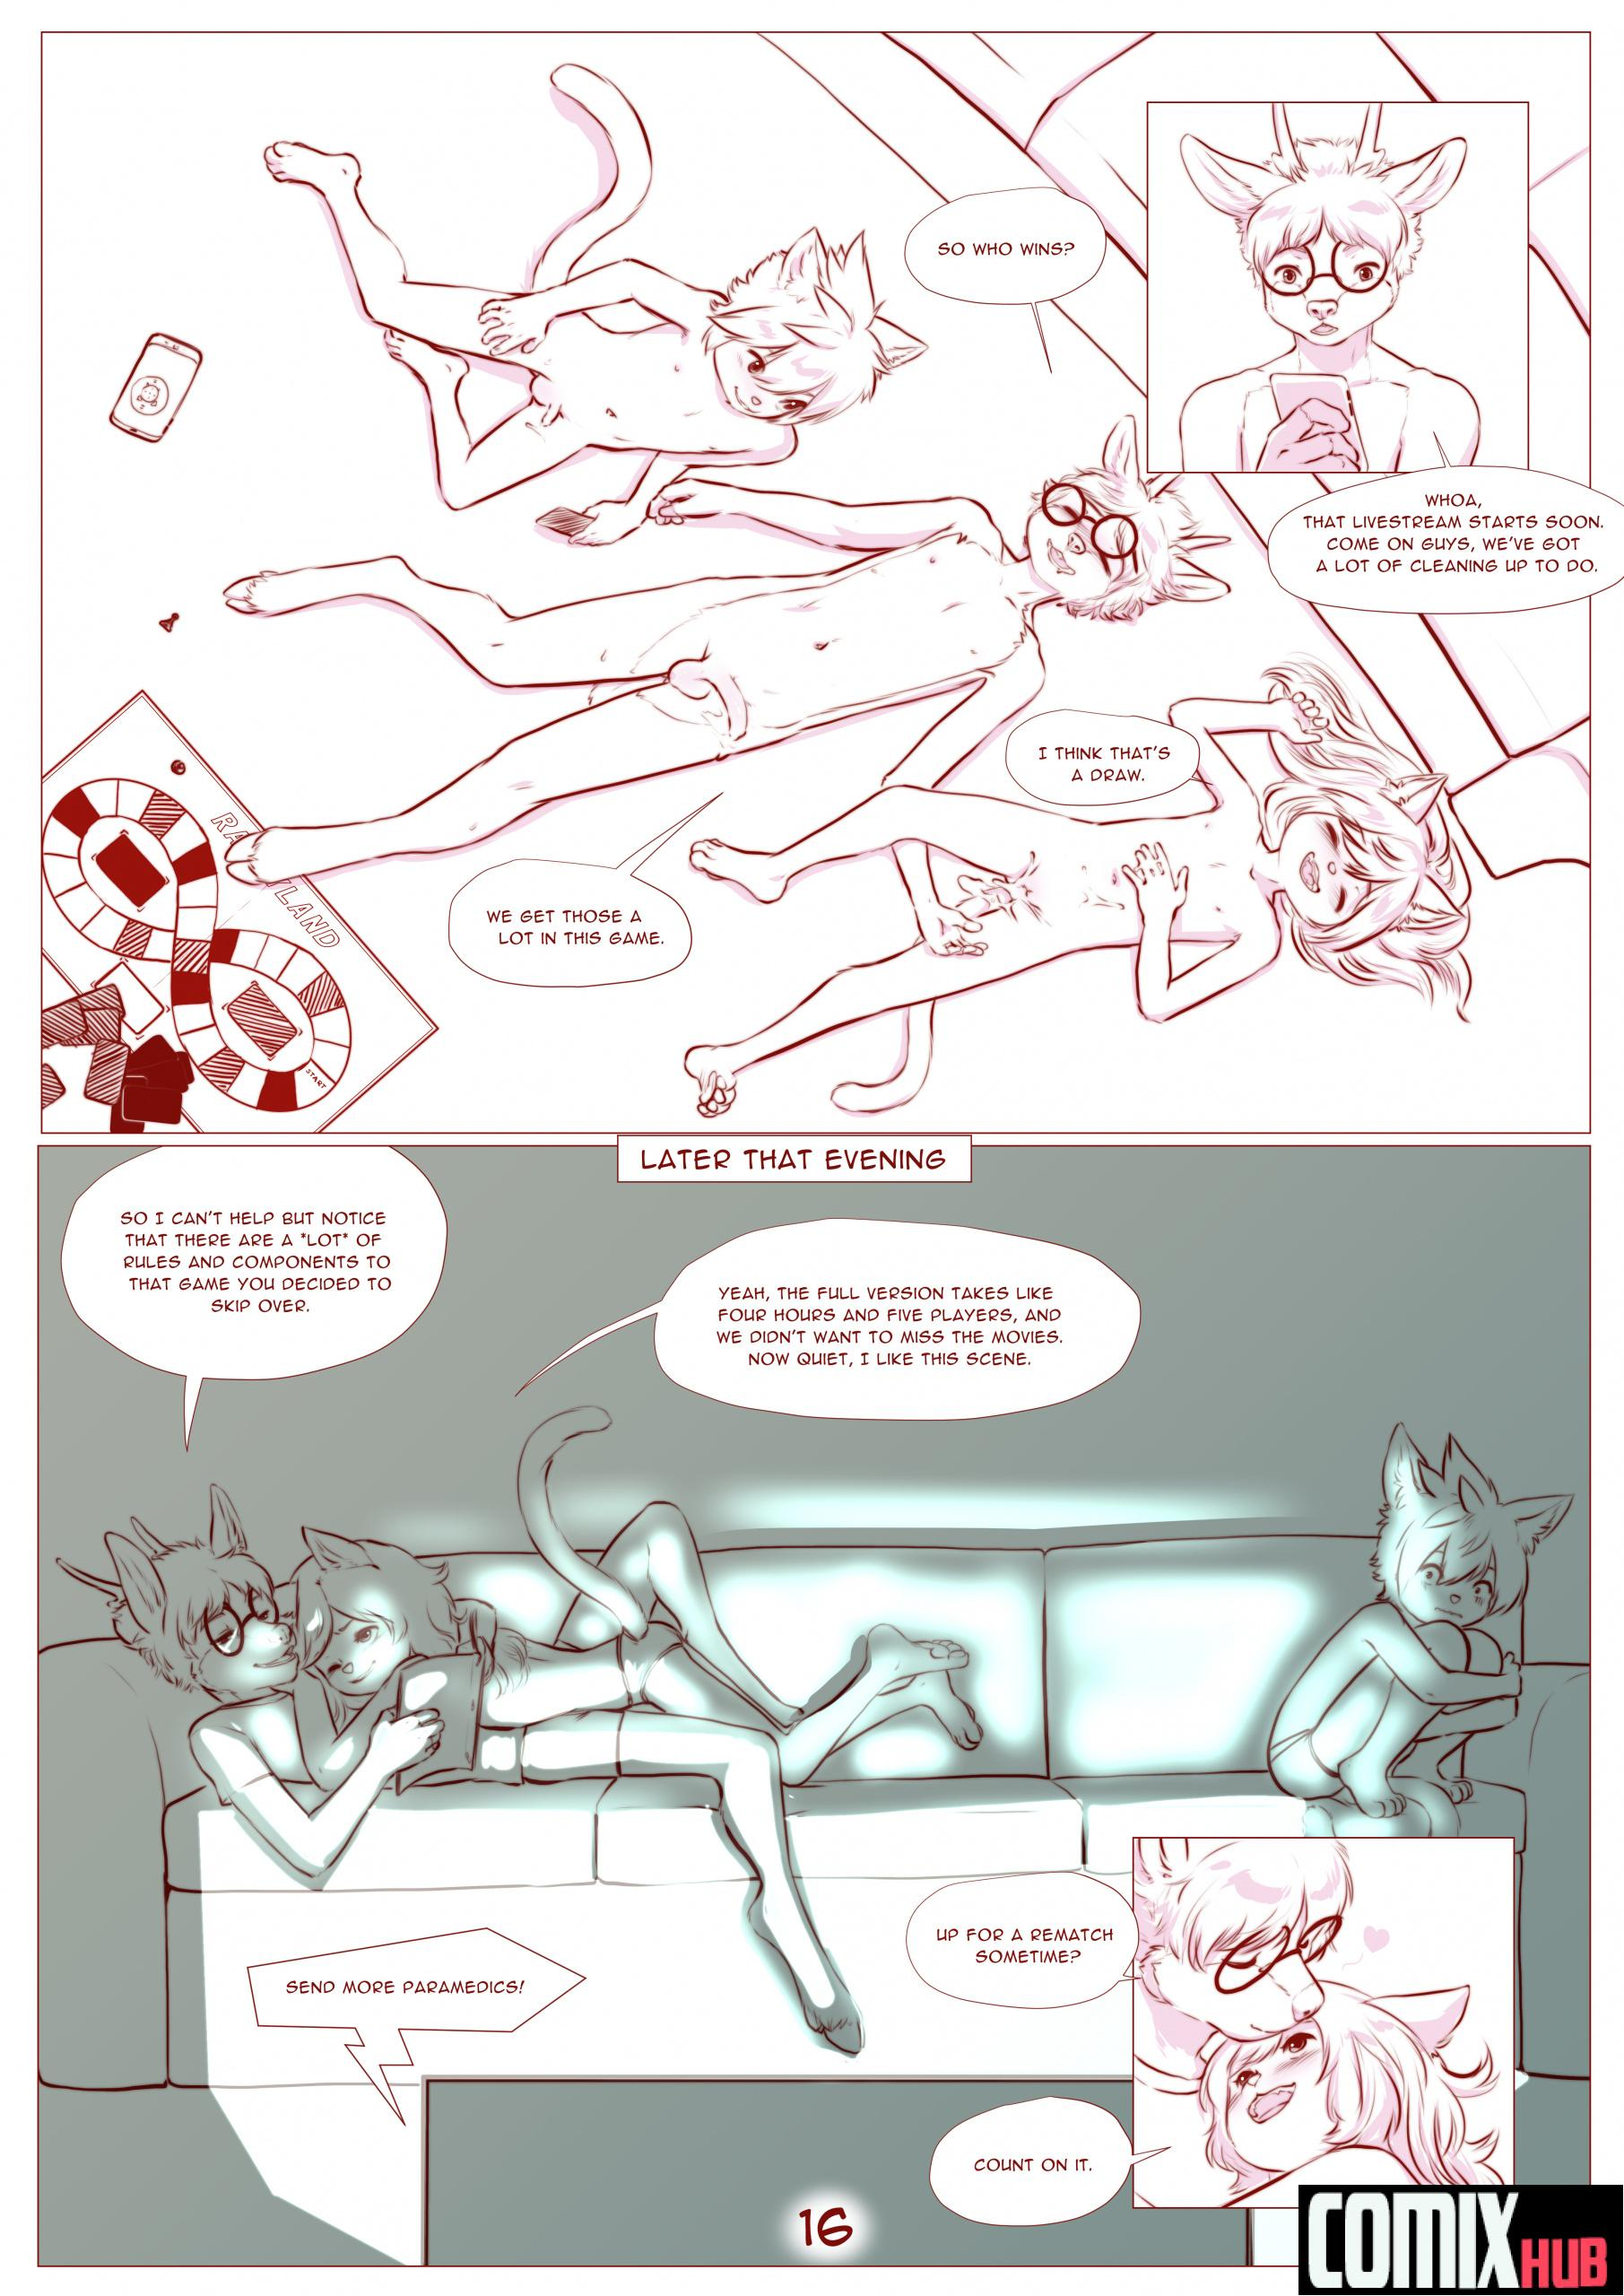 Porn comics, Fun and Games Straight, Furry, Masturbation, Mini Male, Nymph